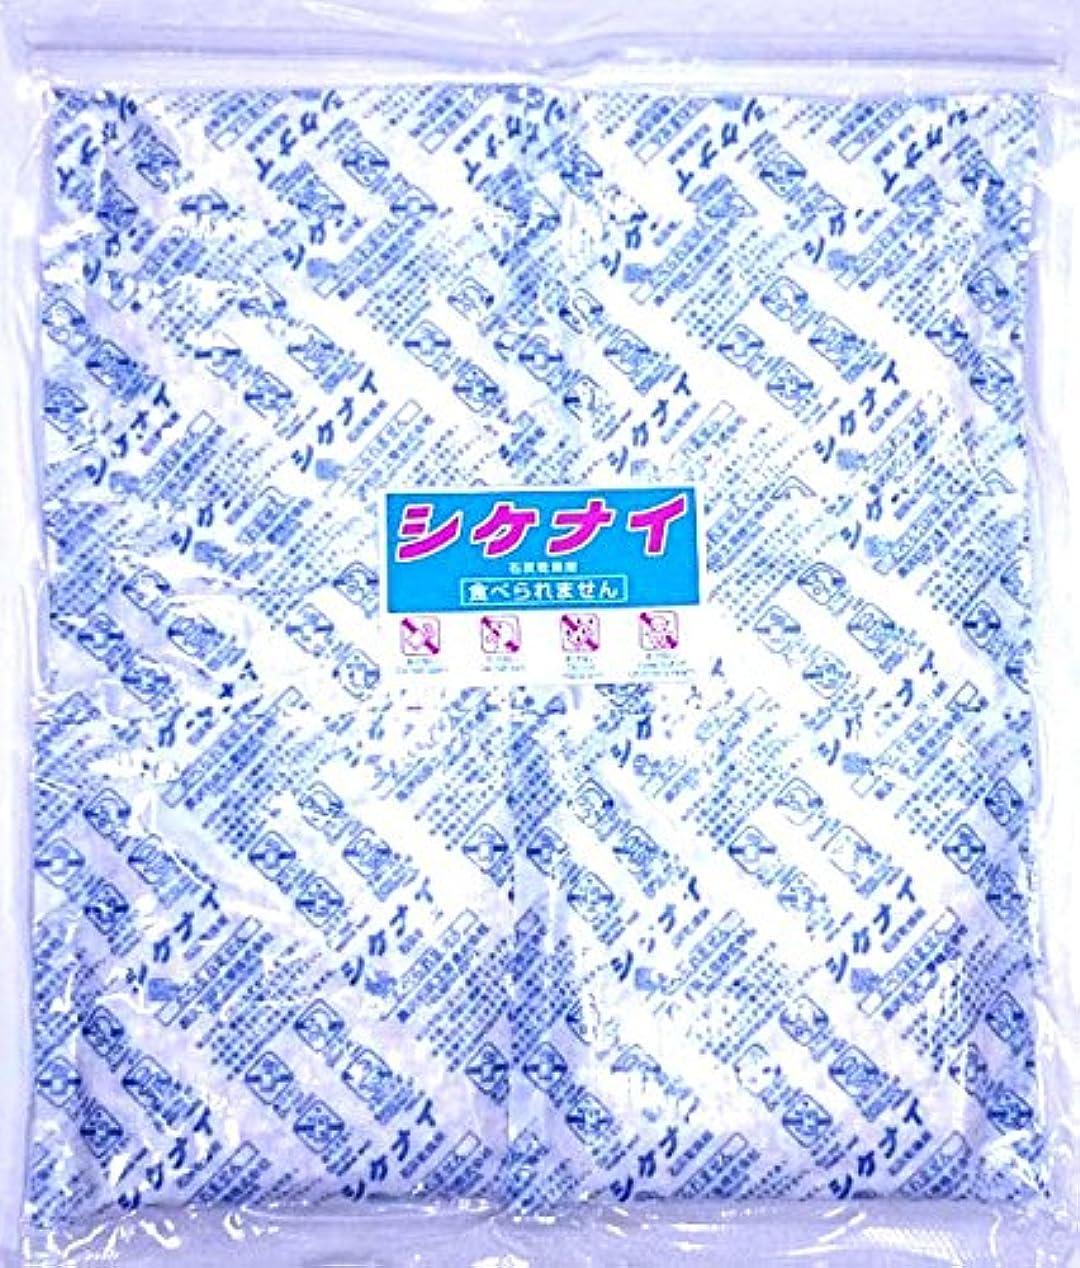 メンタル部記述するシケナイ乾燥剤(石灰) 大型サイズ90g×8個入